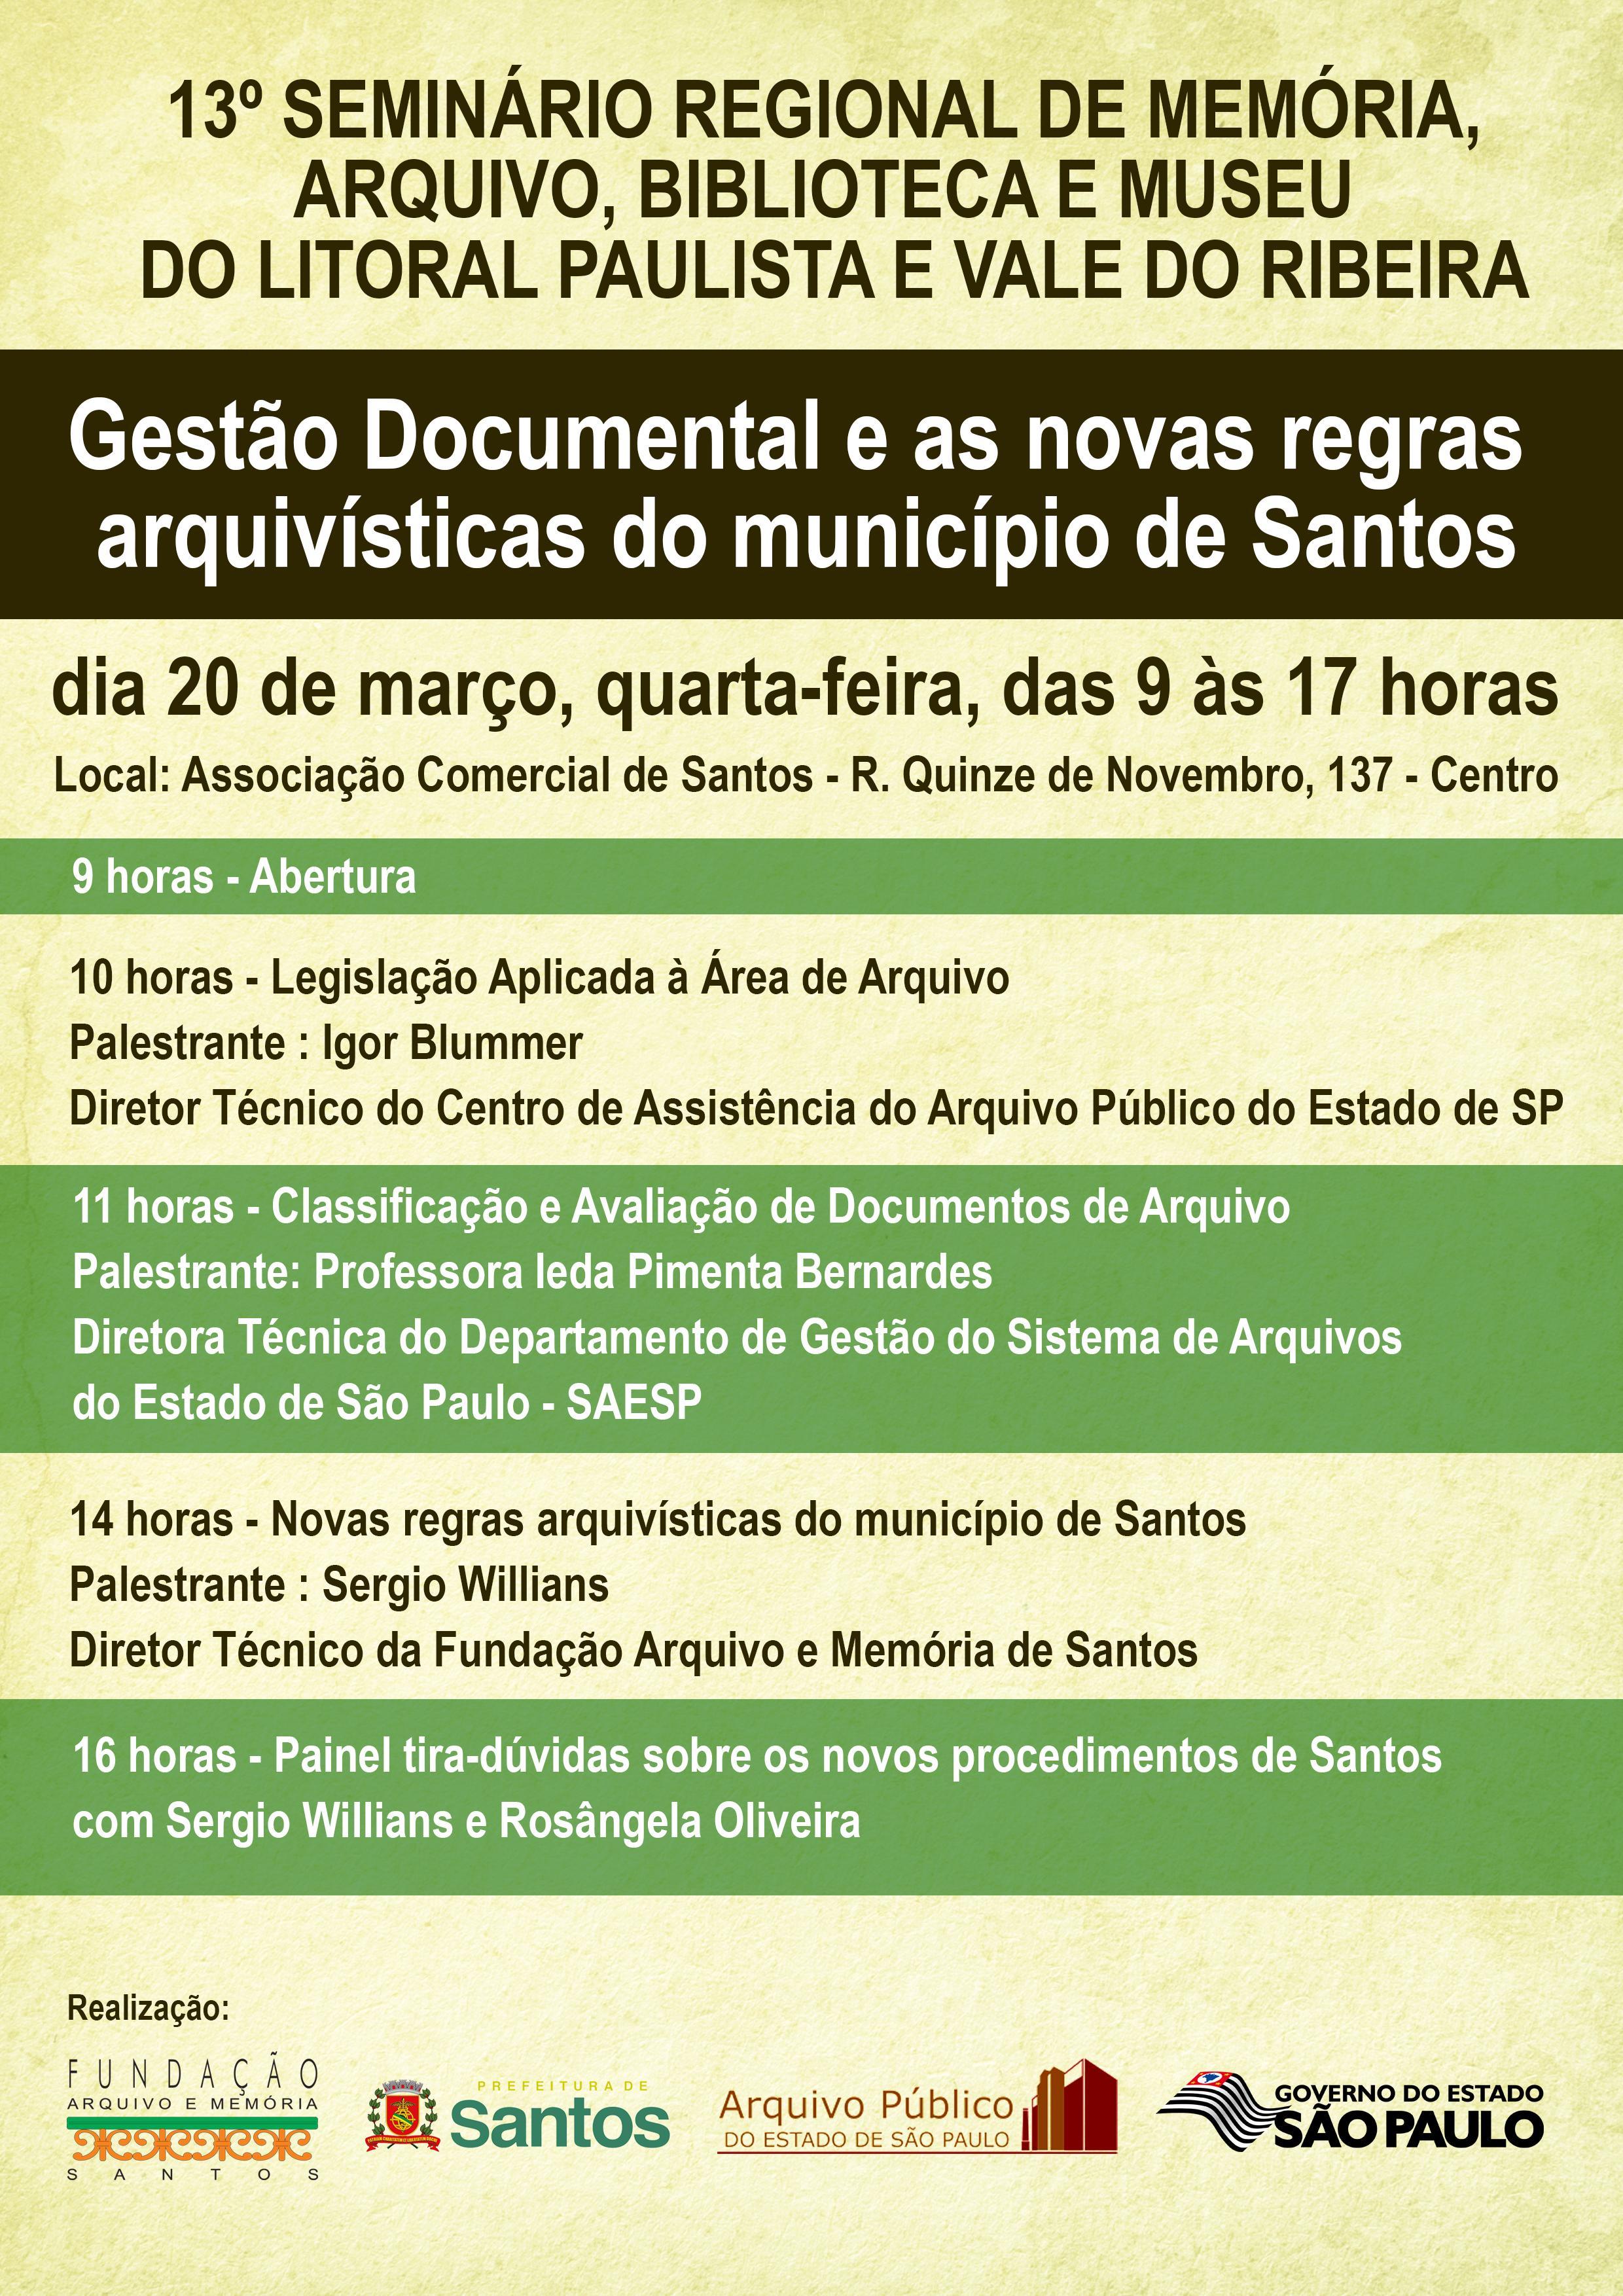 cartaz_seminario.jpg